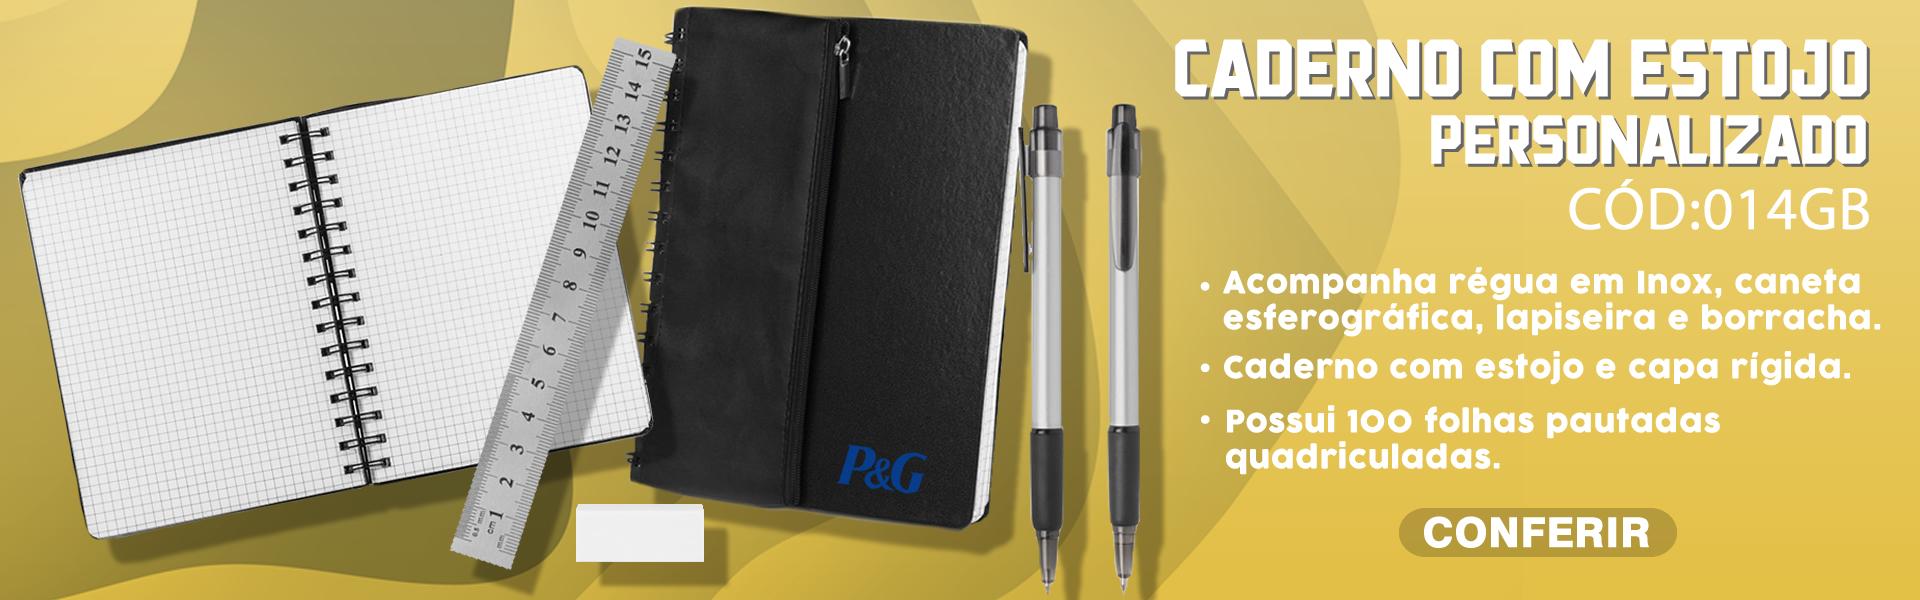 Caderno de Anotações com estojo Personalizado 014GB